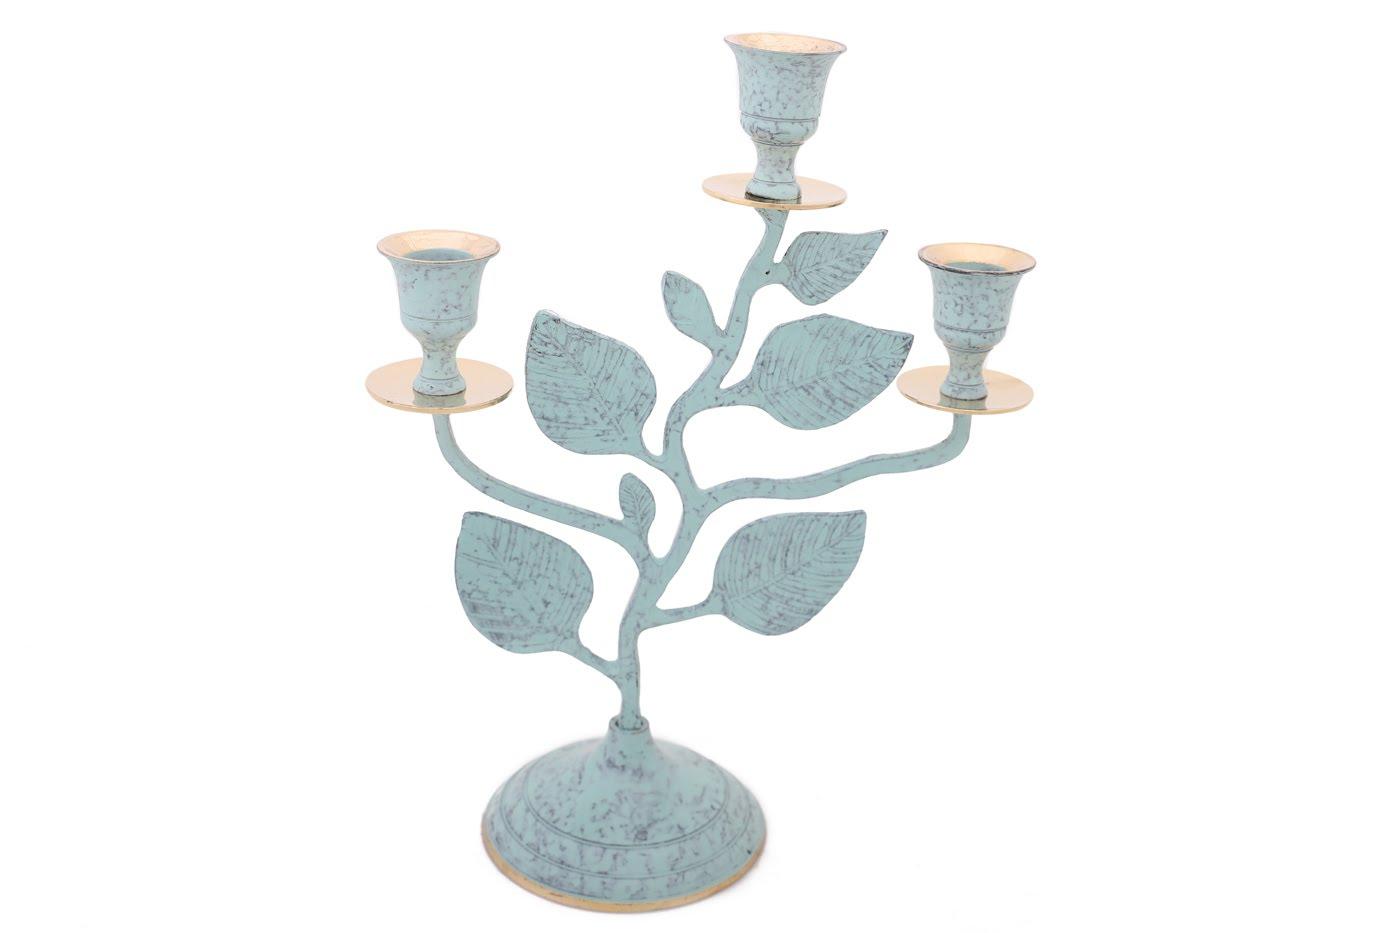 Купить Декоративные свечи Ганг, Подсвечник Clements Цвет: Зеленый, Золотой (9х20х26 см), Индия, Латунь